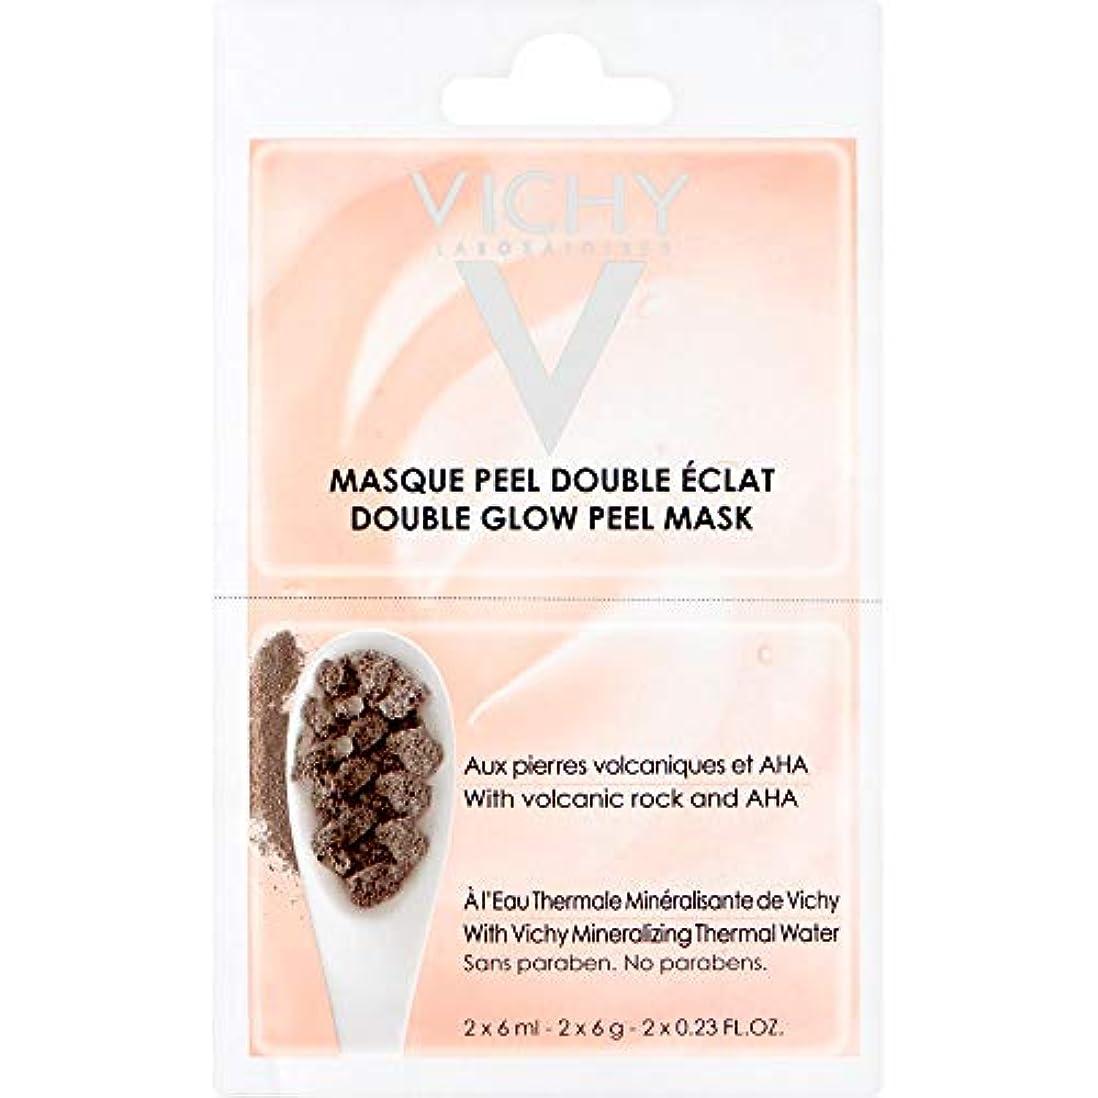 確認してください動かない考古学者[Vichy] ヴィシーダブルグローピールマスクデュオ2×6ミリリットル - Vichy Double Glow Peel Mask Duo 2 x 6ml [並行輸入品]